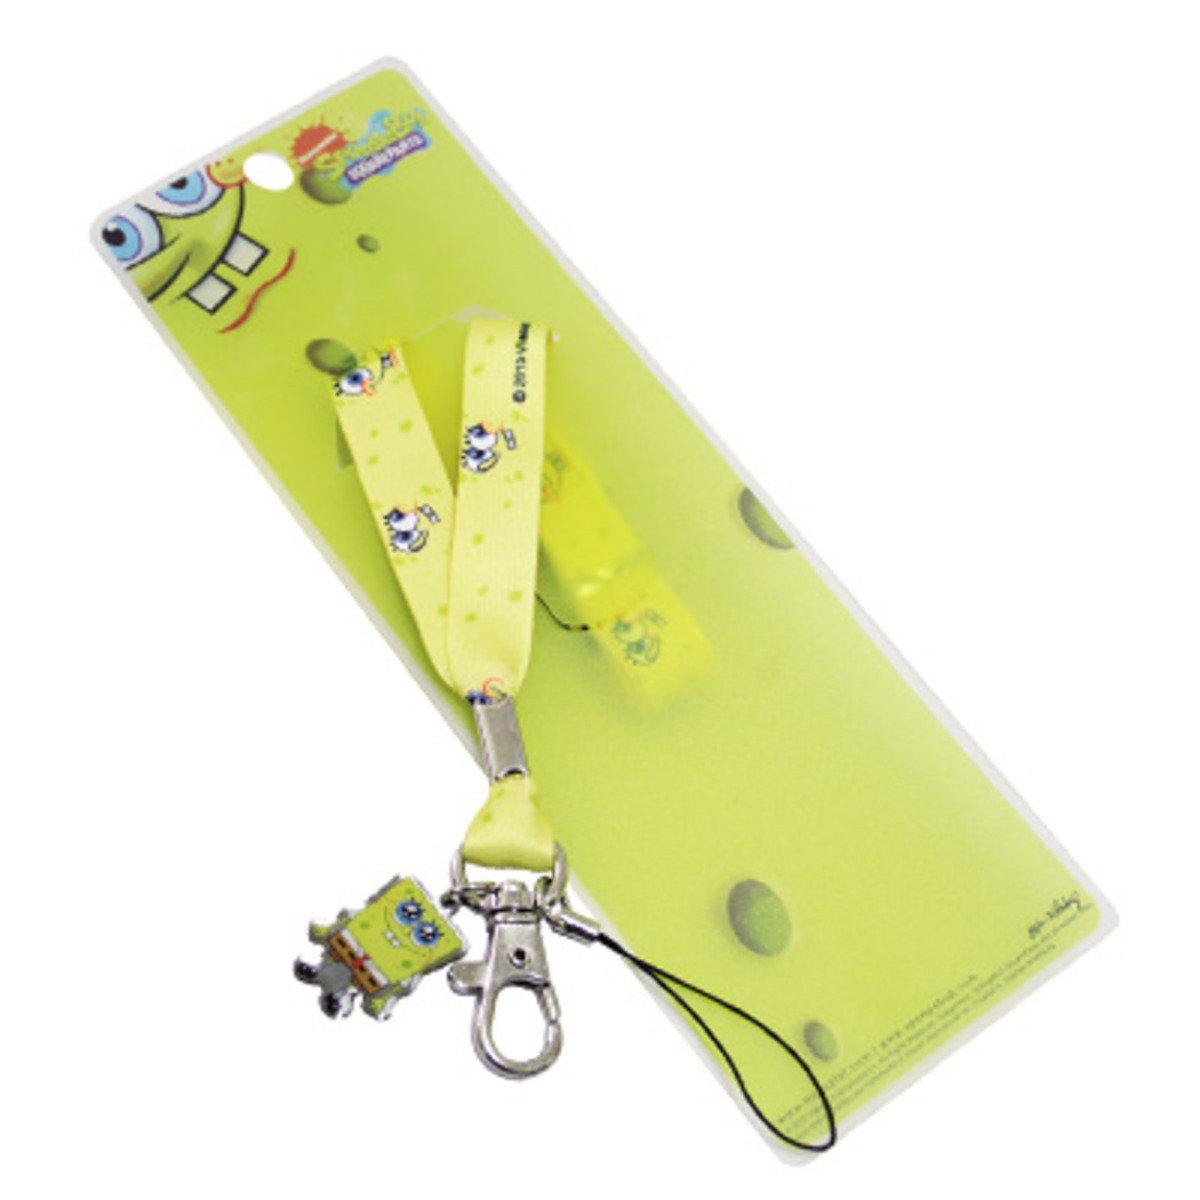 海綿寶寶公仔吊飾手機繩 D款